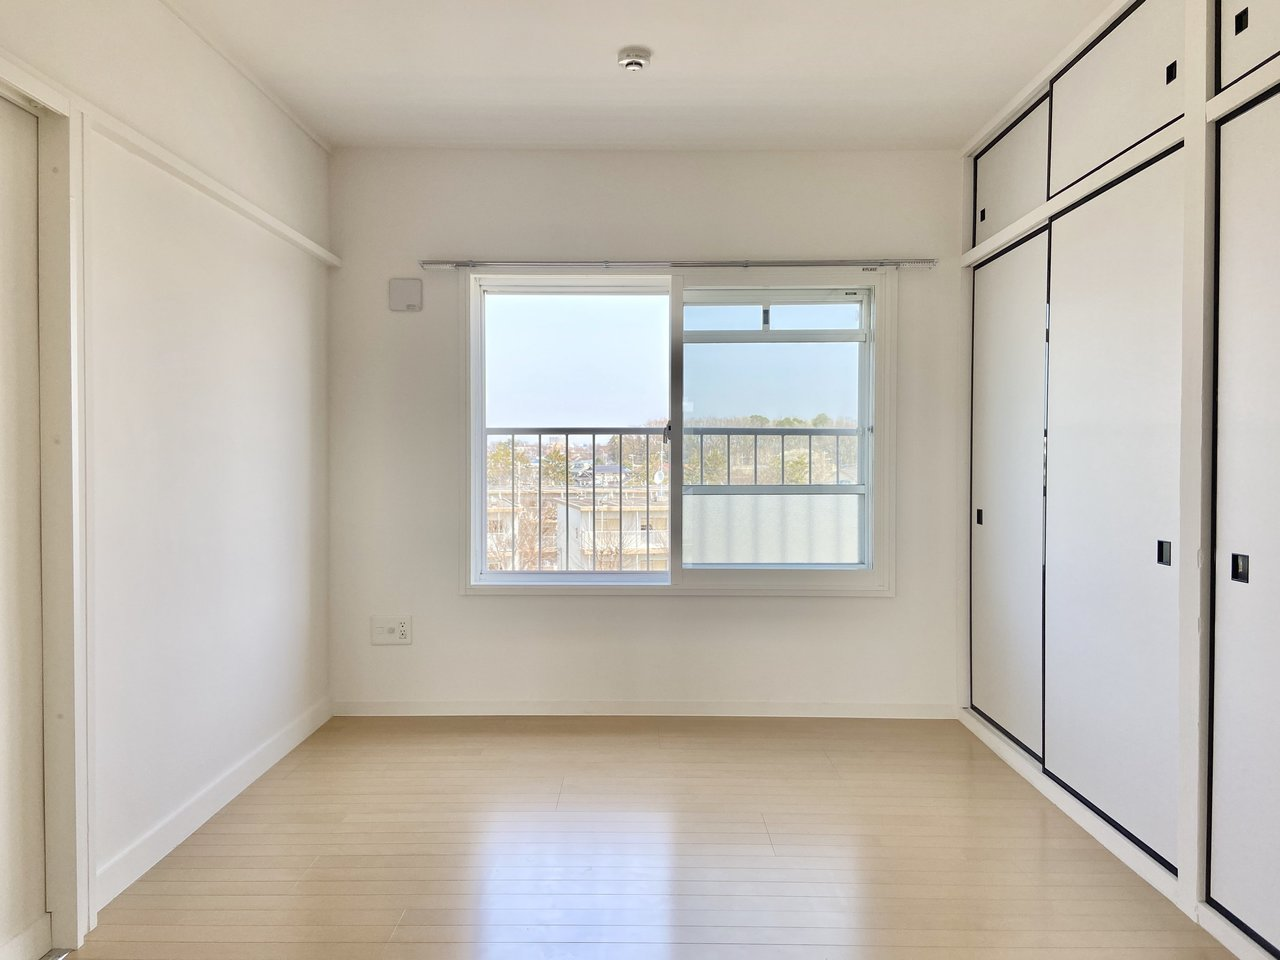 約6畳ある個室も窓があって開放感があります。押入れを再利用した収納スペースは、奥行きがあって使いやすそうです。